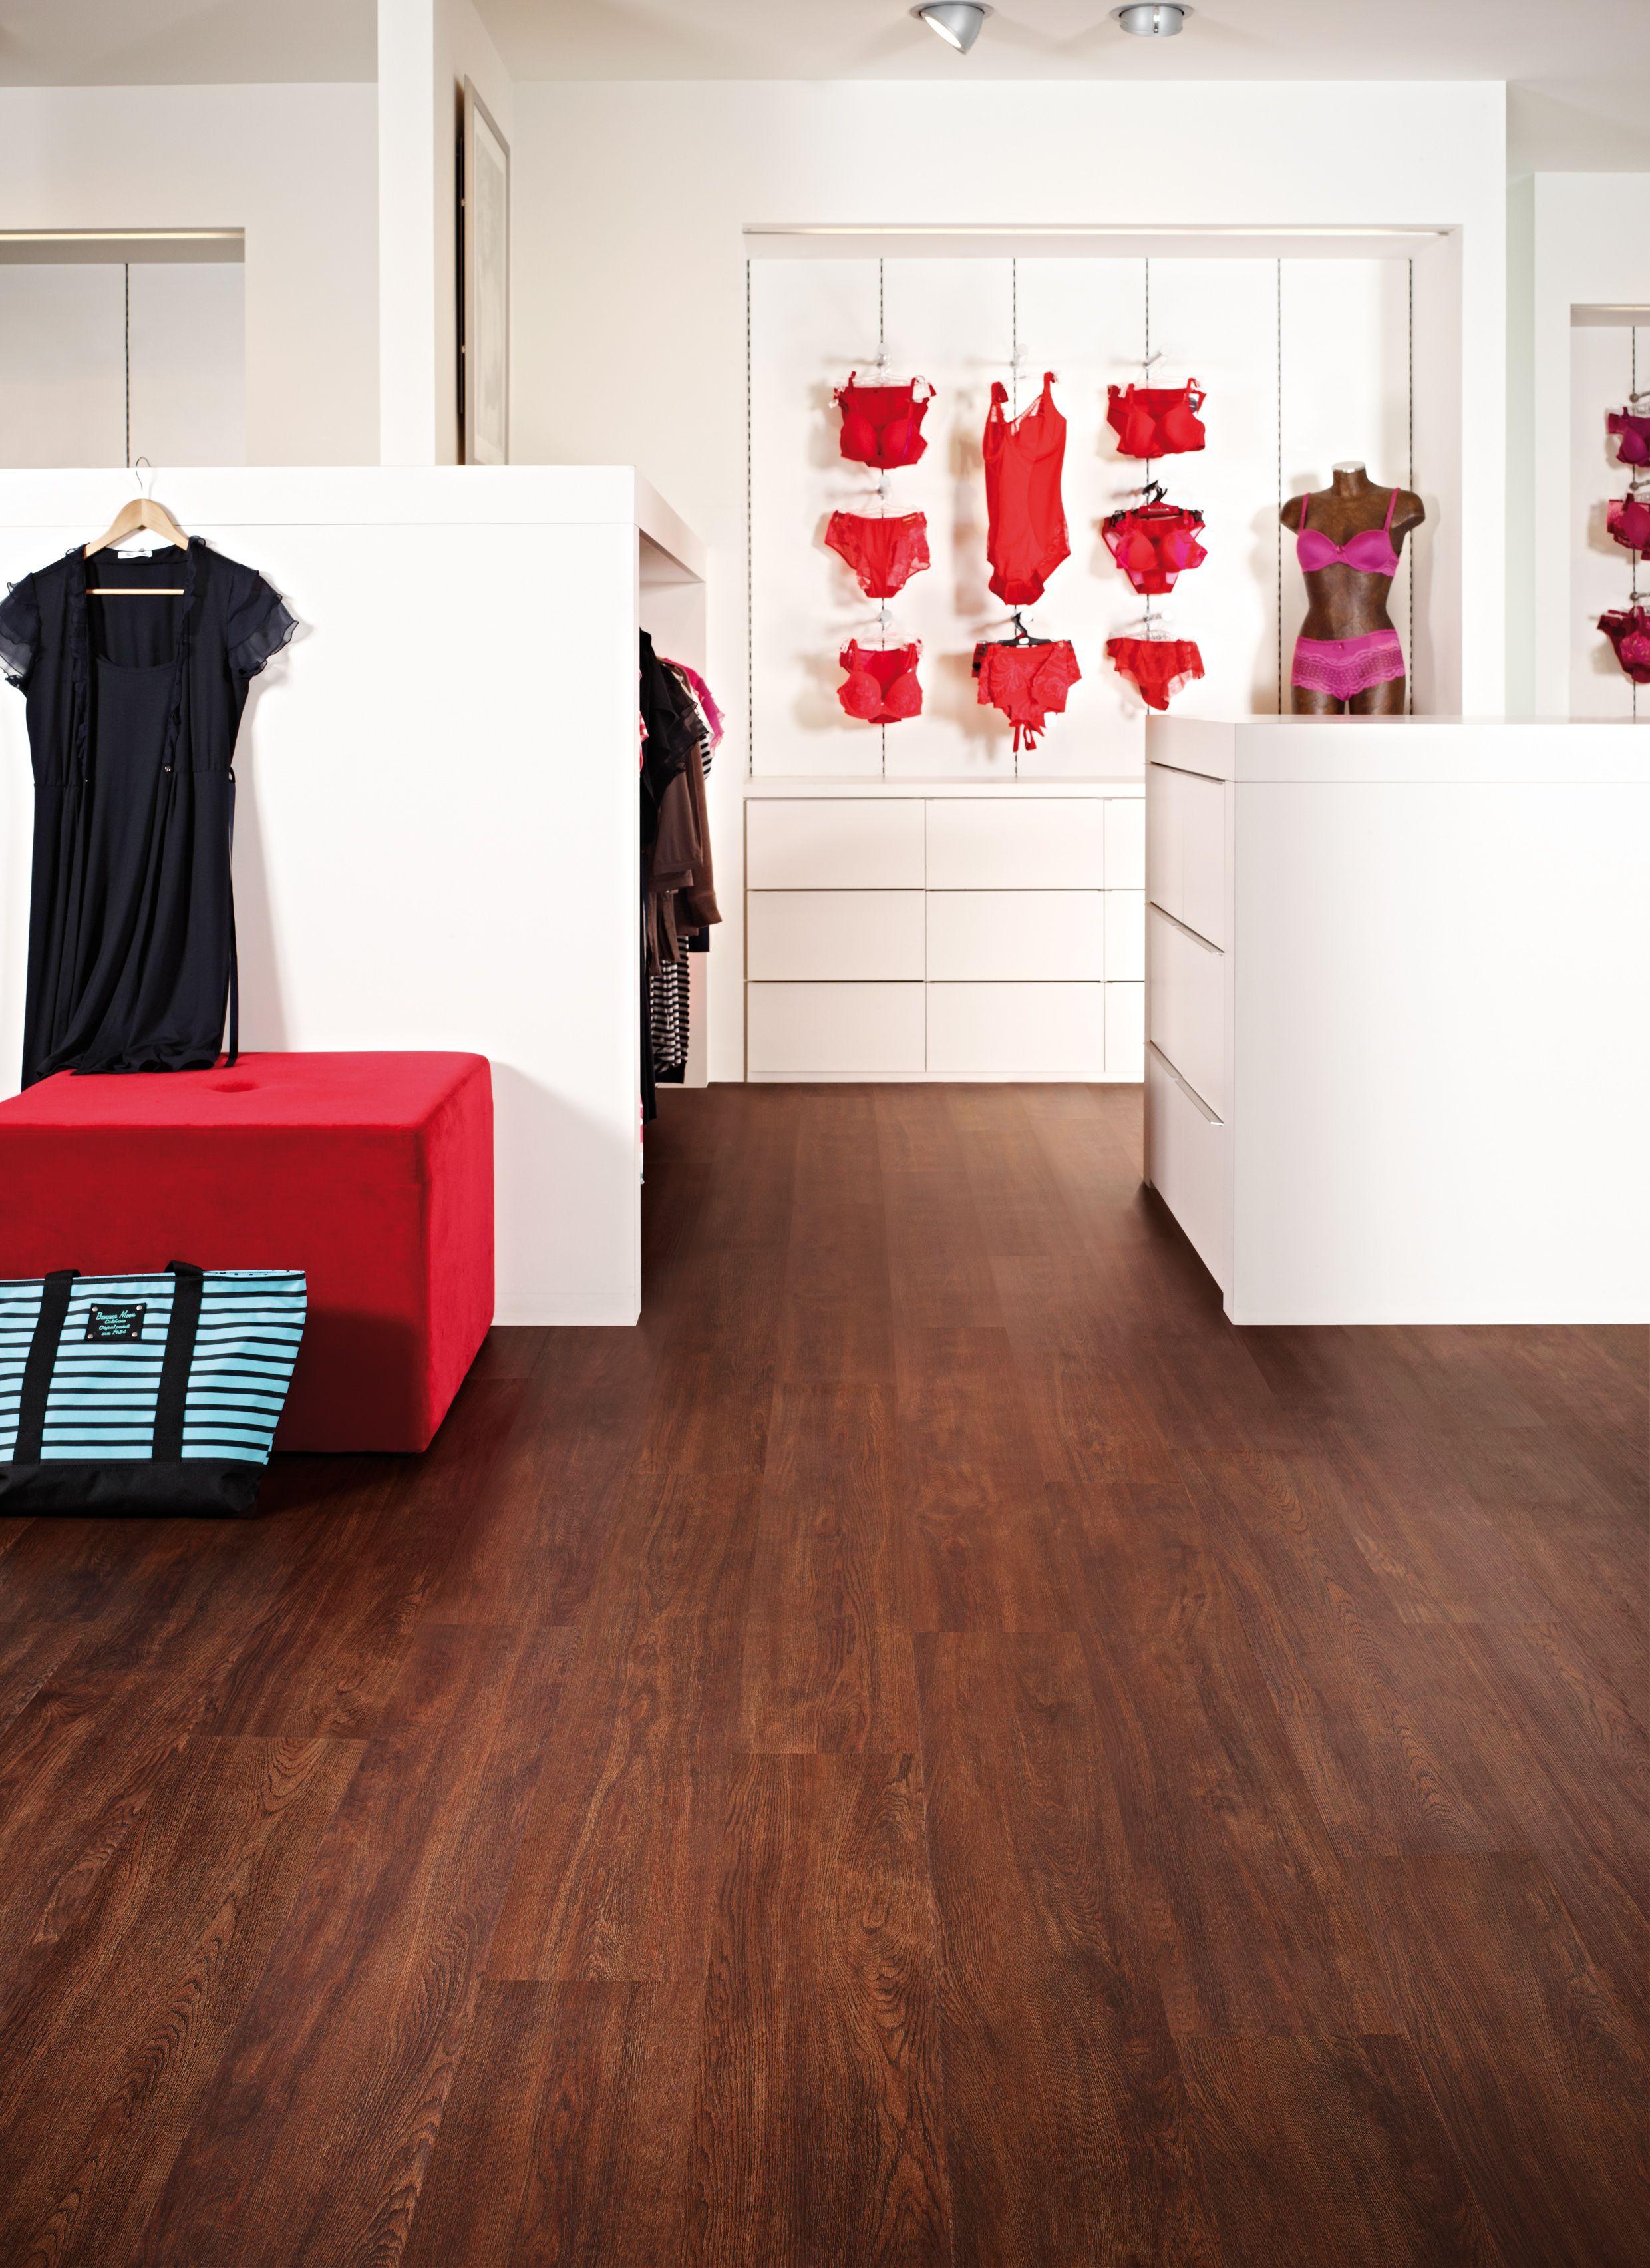 Moduleo Montreal Oak 24570   modern store. Moduleo Montreal Oak 24570   modern store   LVT Flooring